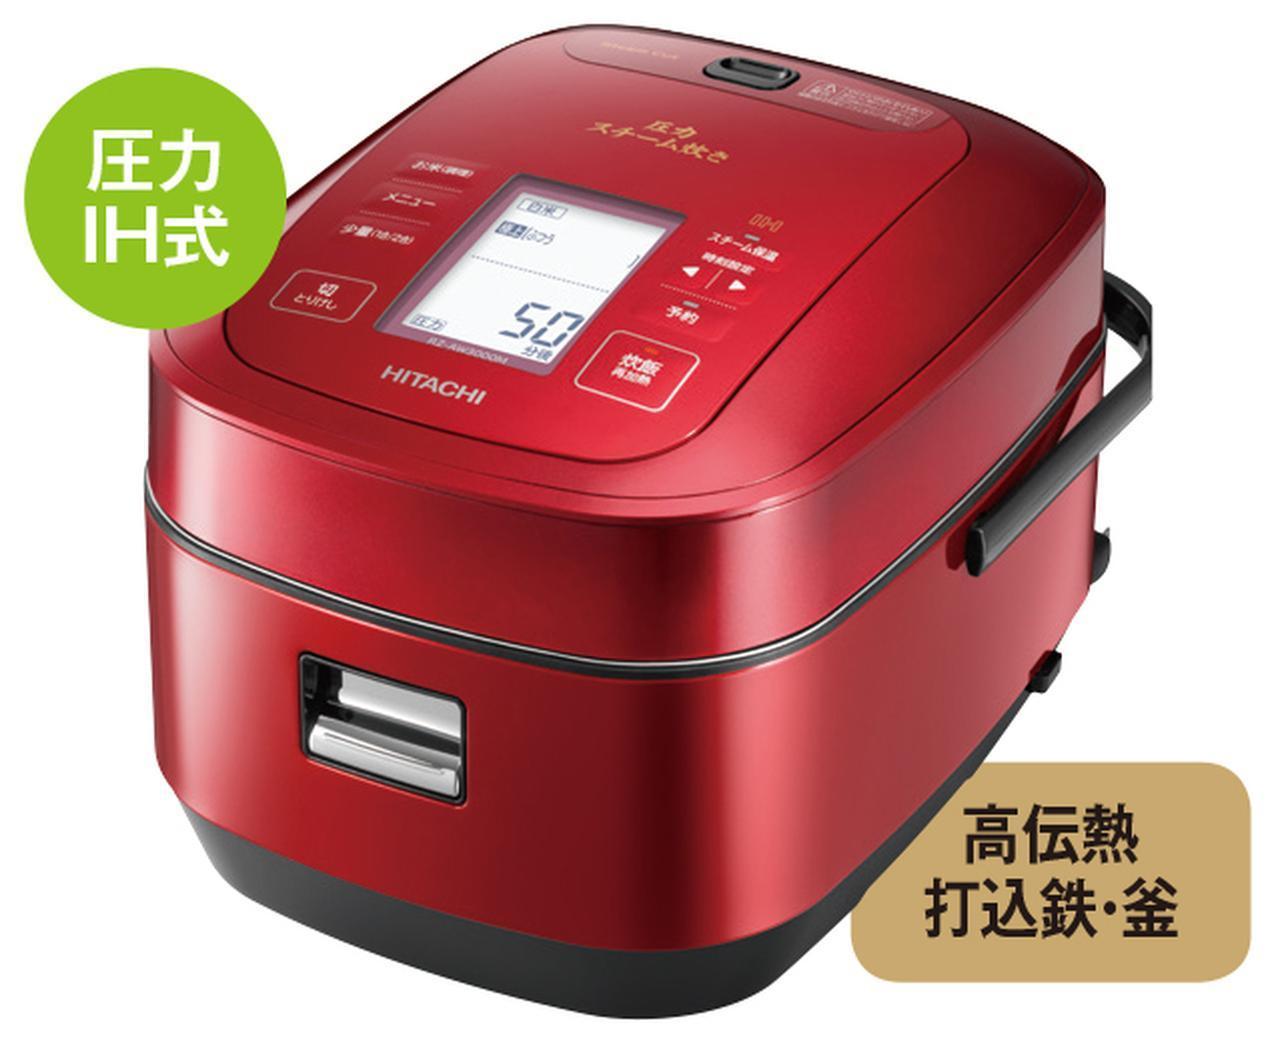 画像: 圧力をかけながら、スチームで蒸らしてご飯を炊く独自機能「圧力スチーム炊き」を搭載。ふっくら甘く、艶やかなご飯が炊き上がる。